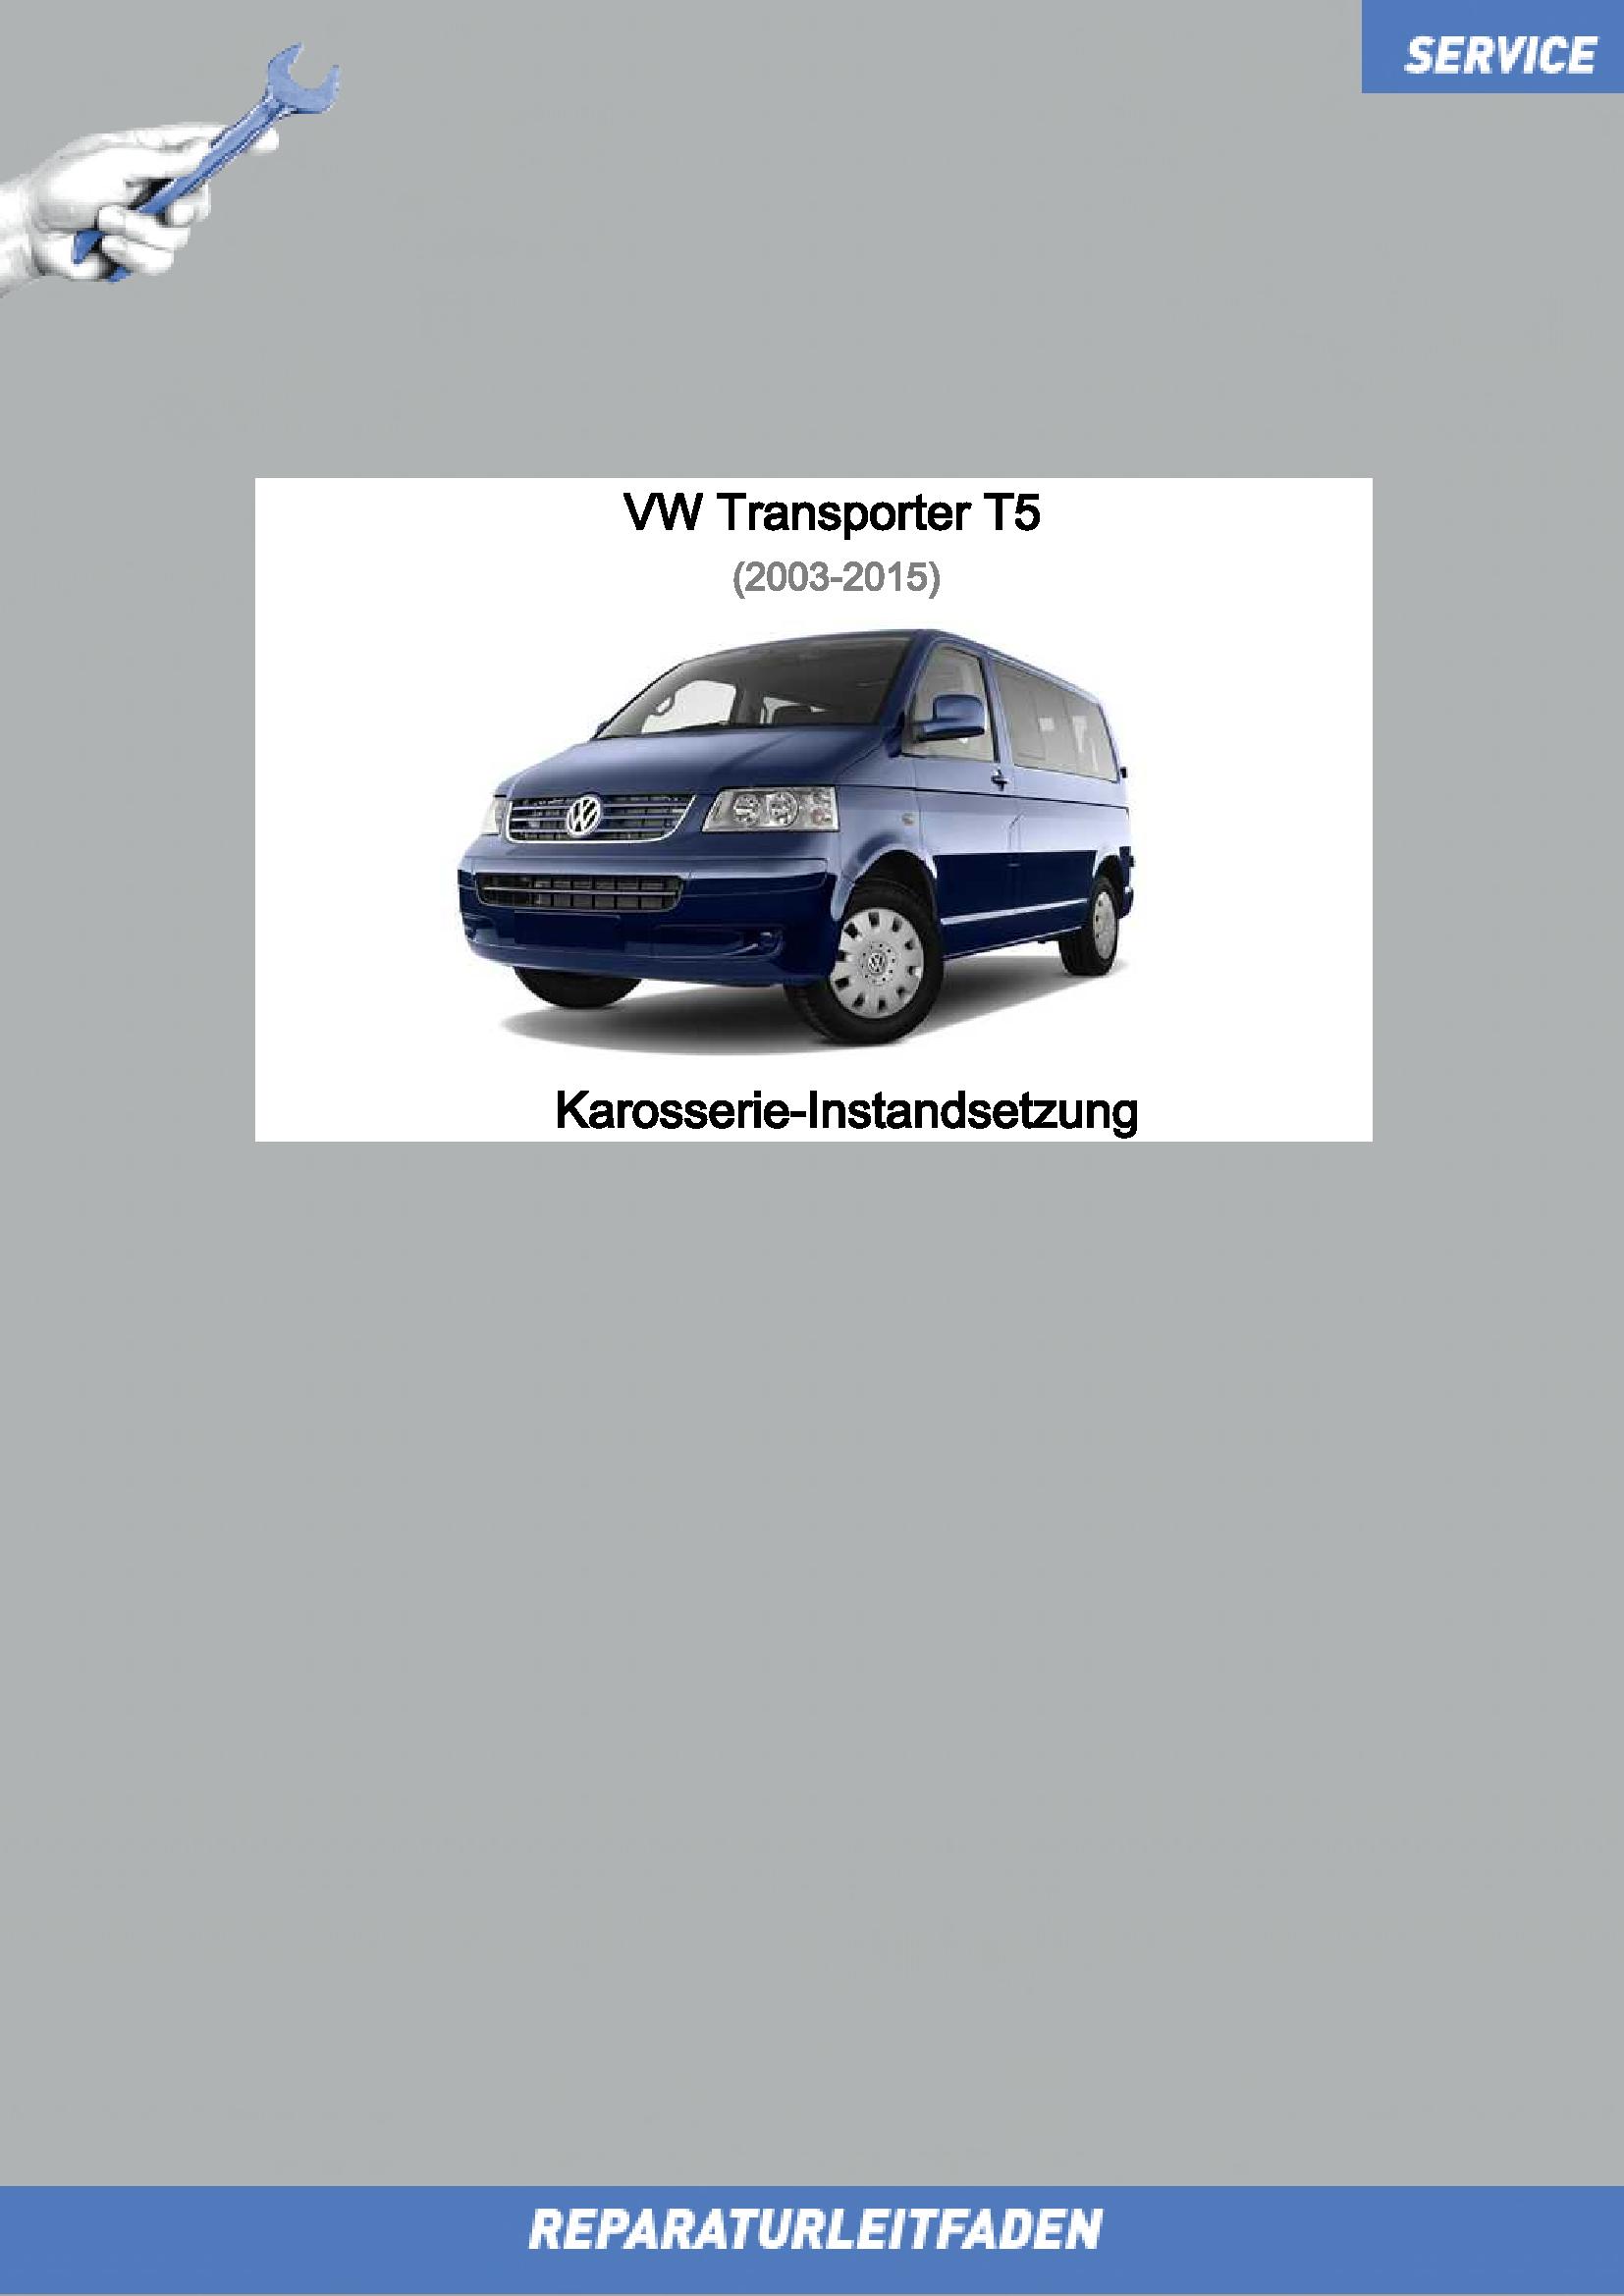 vw-t5-7e-0010-karosserie-instandsetzung_1.png